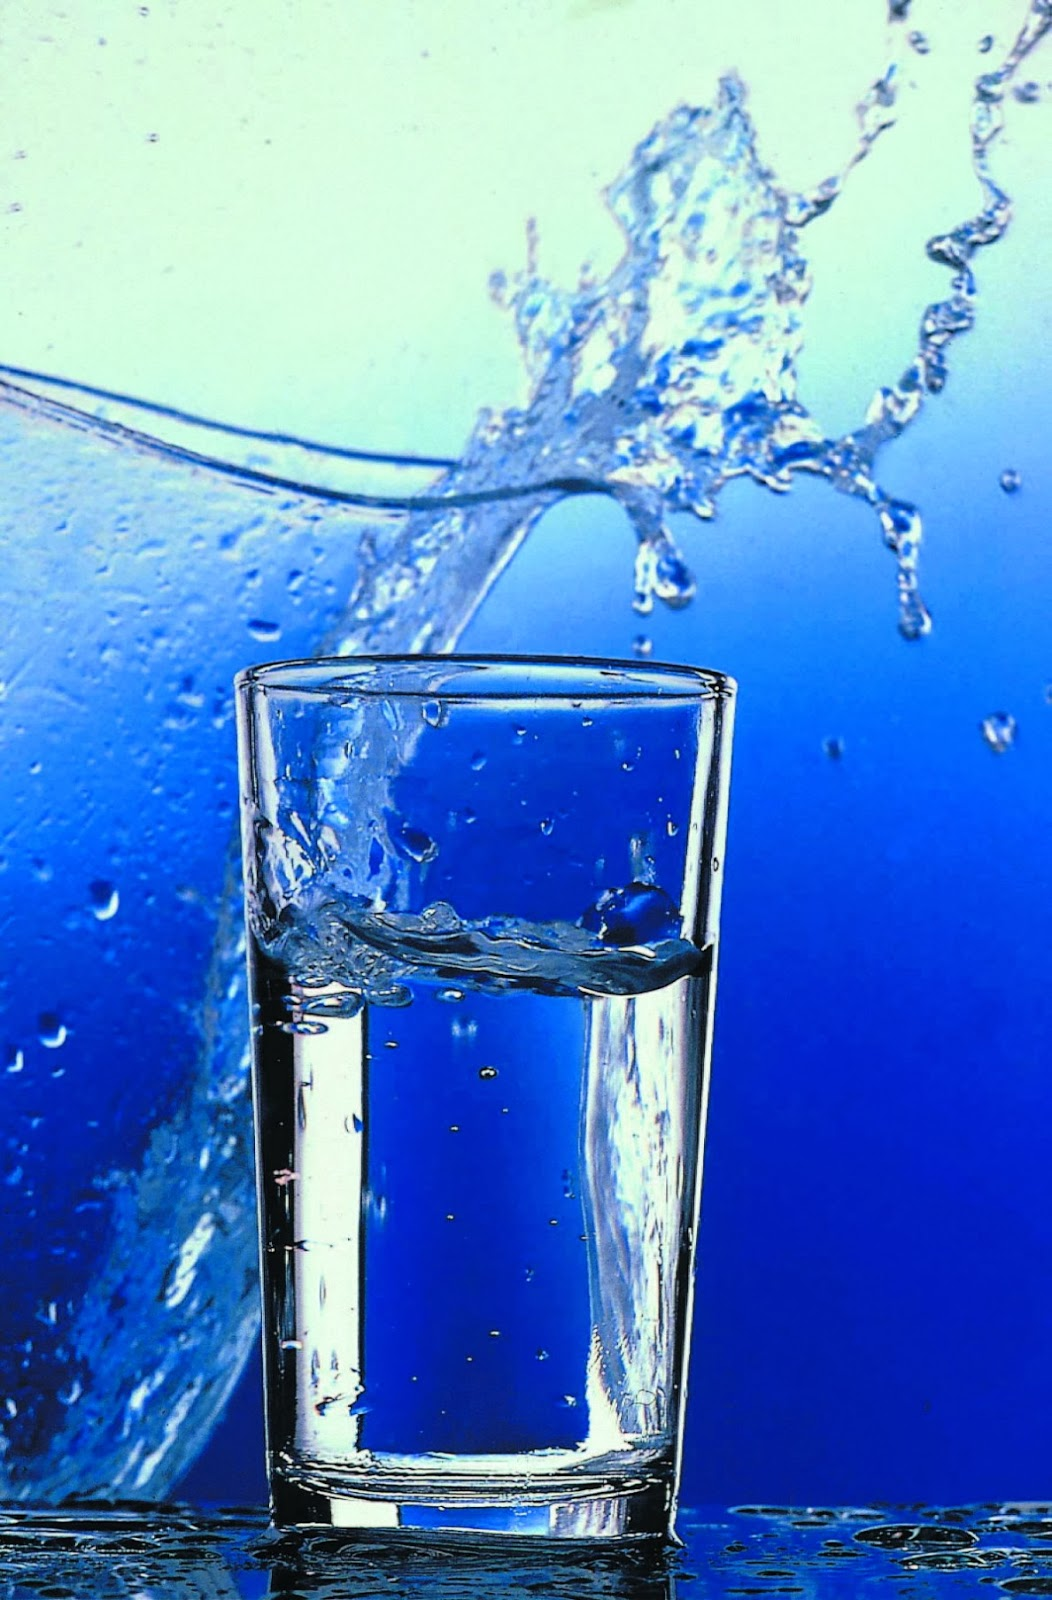 Suyu Fazla Tüketmek için Neler Yapılabilir